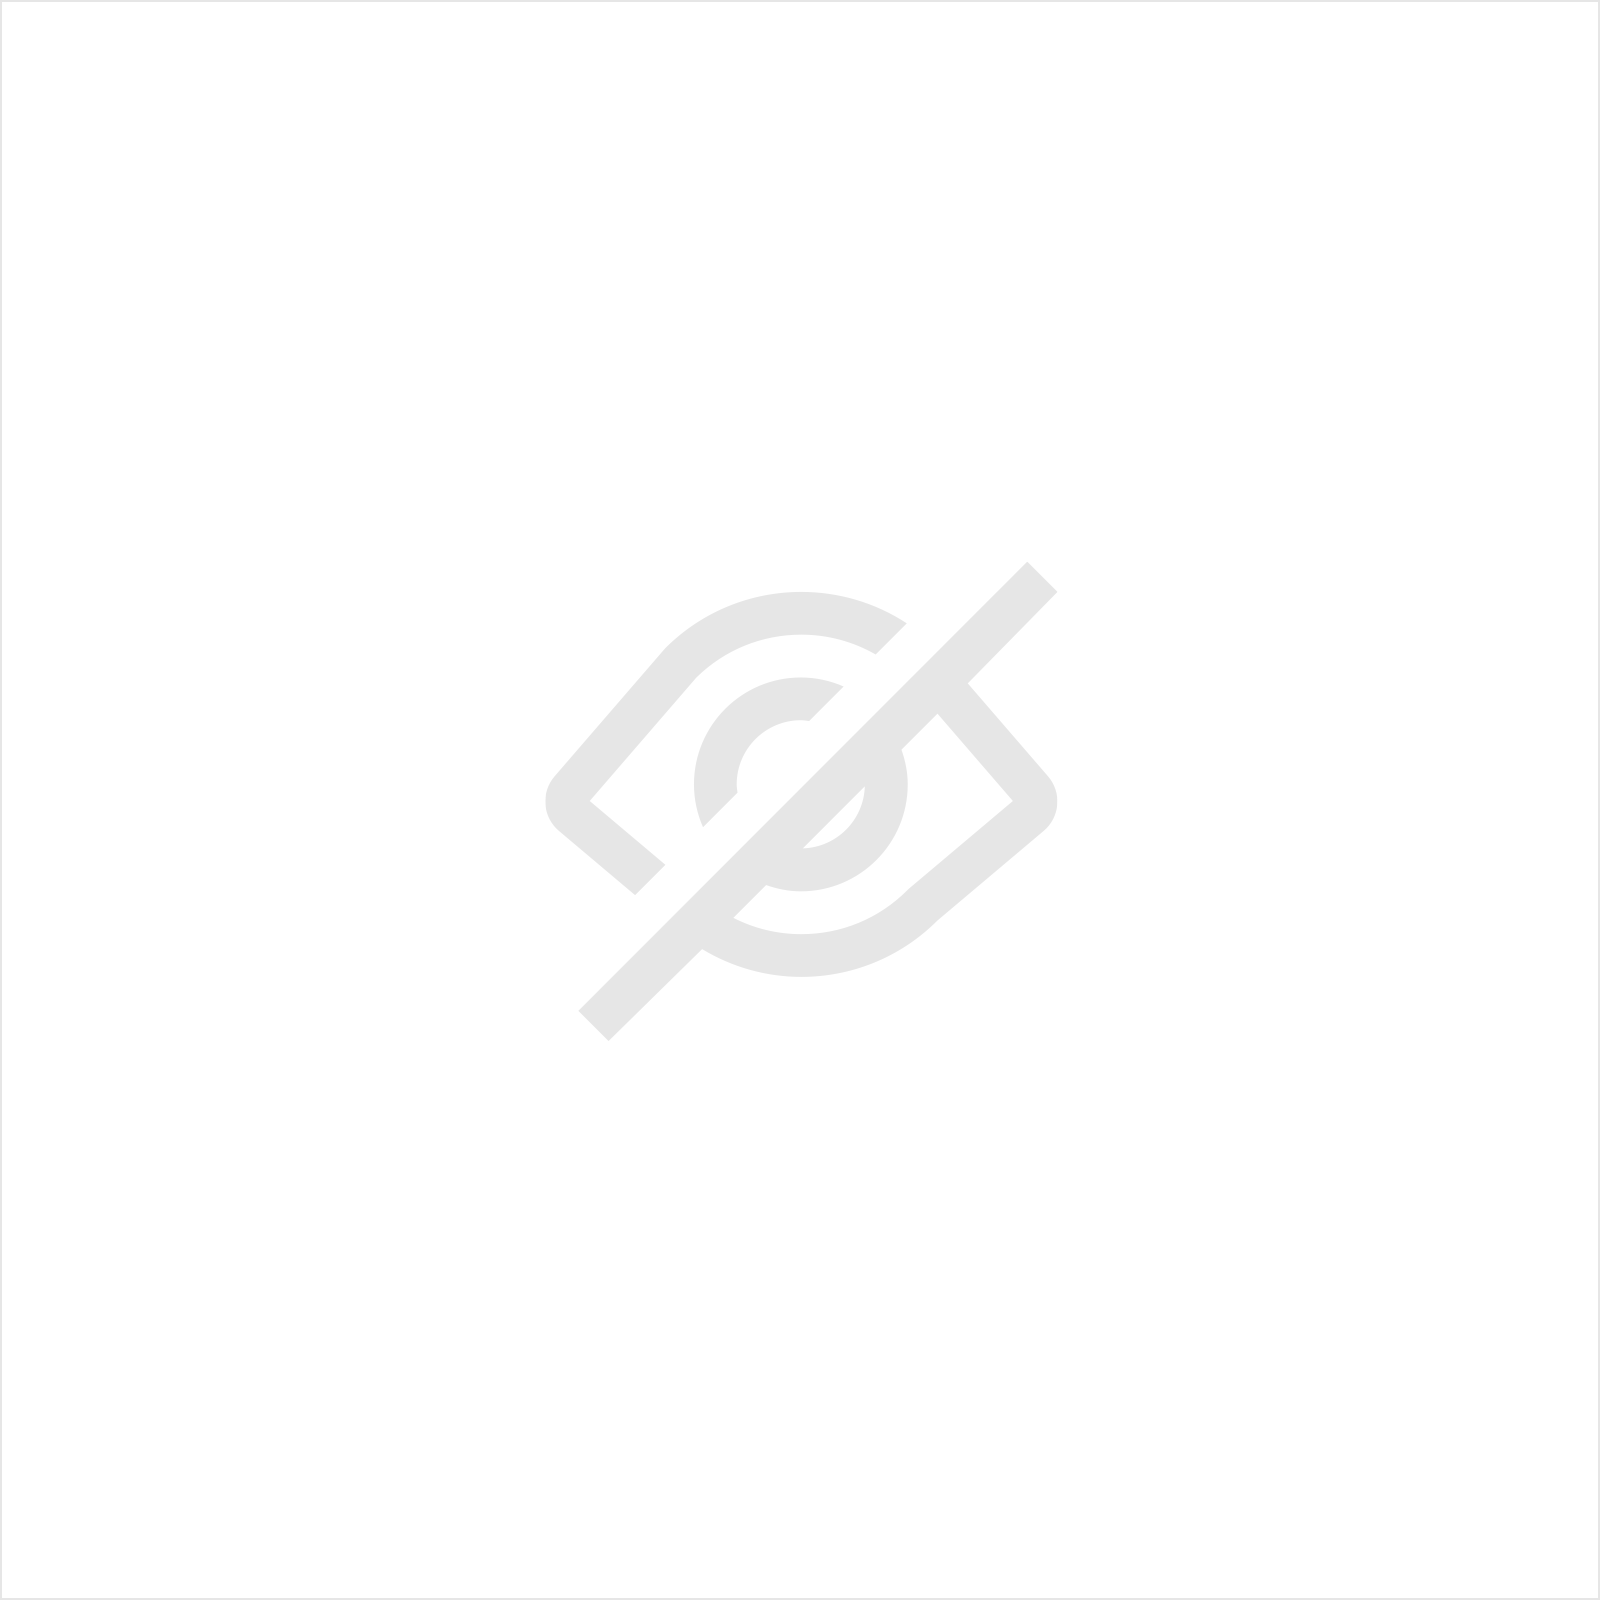 OPTIONEEL ROLPAAR VOOR BOORD EN LIJSTMACHINE 21 MM